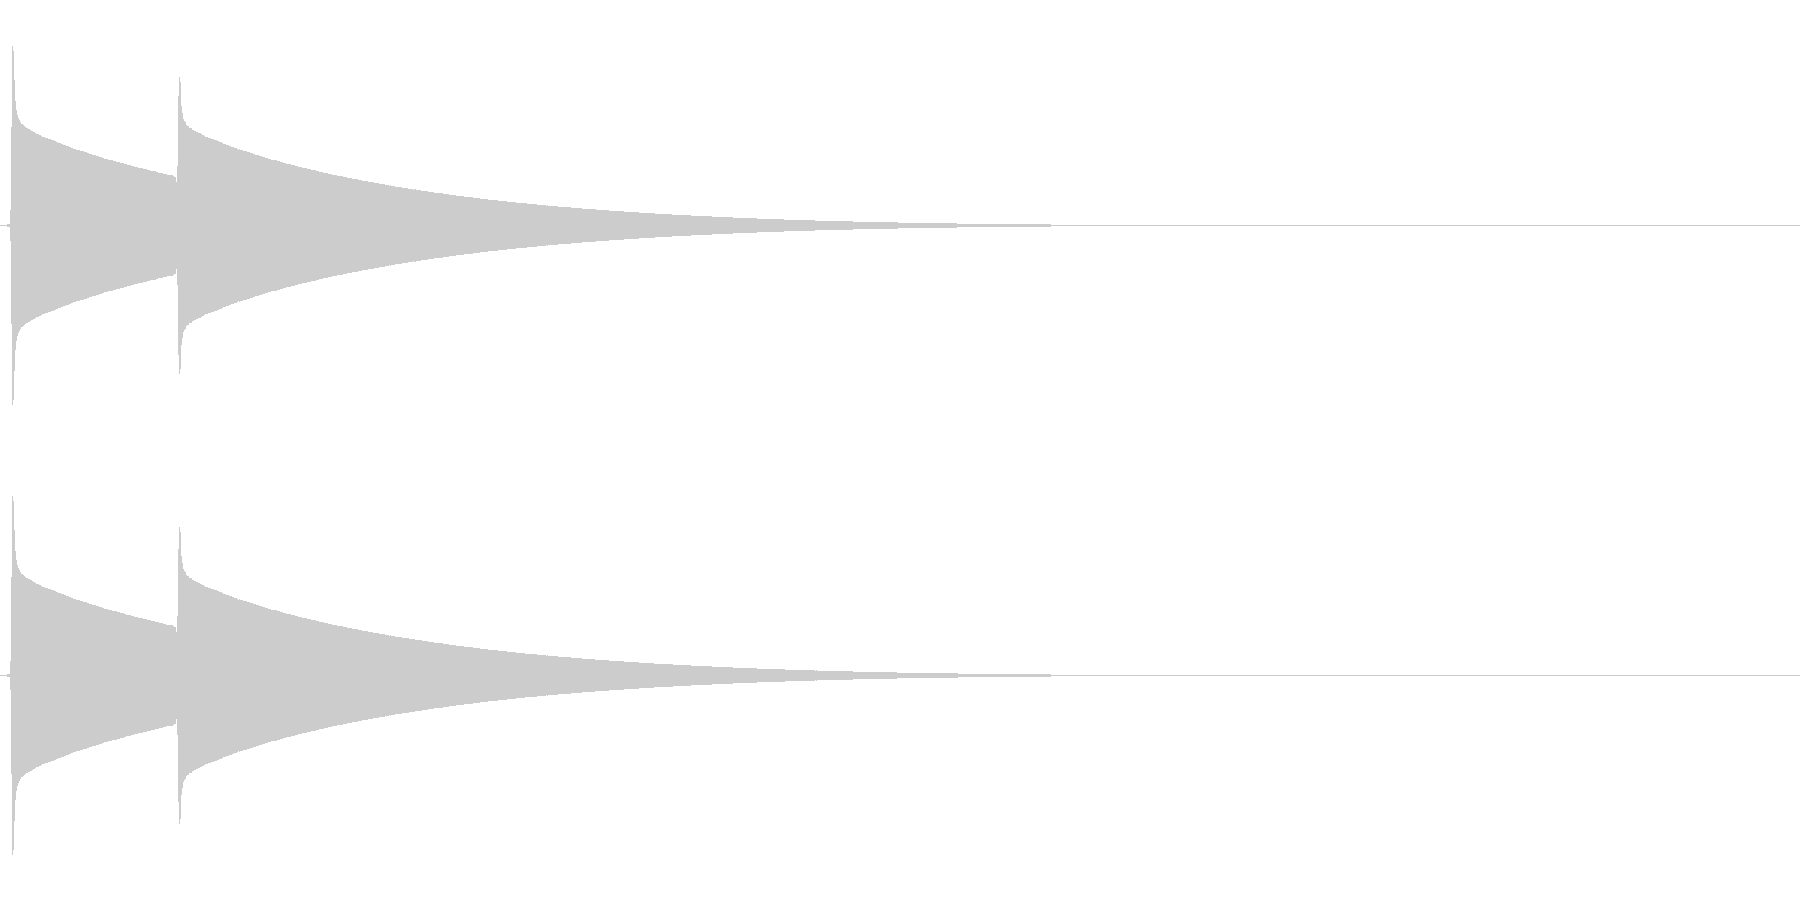 ピンポーン(チャイム、正解)の未再生の波形